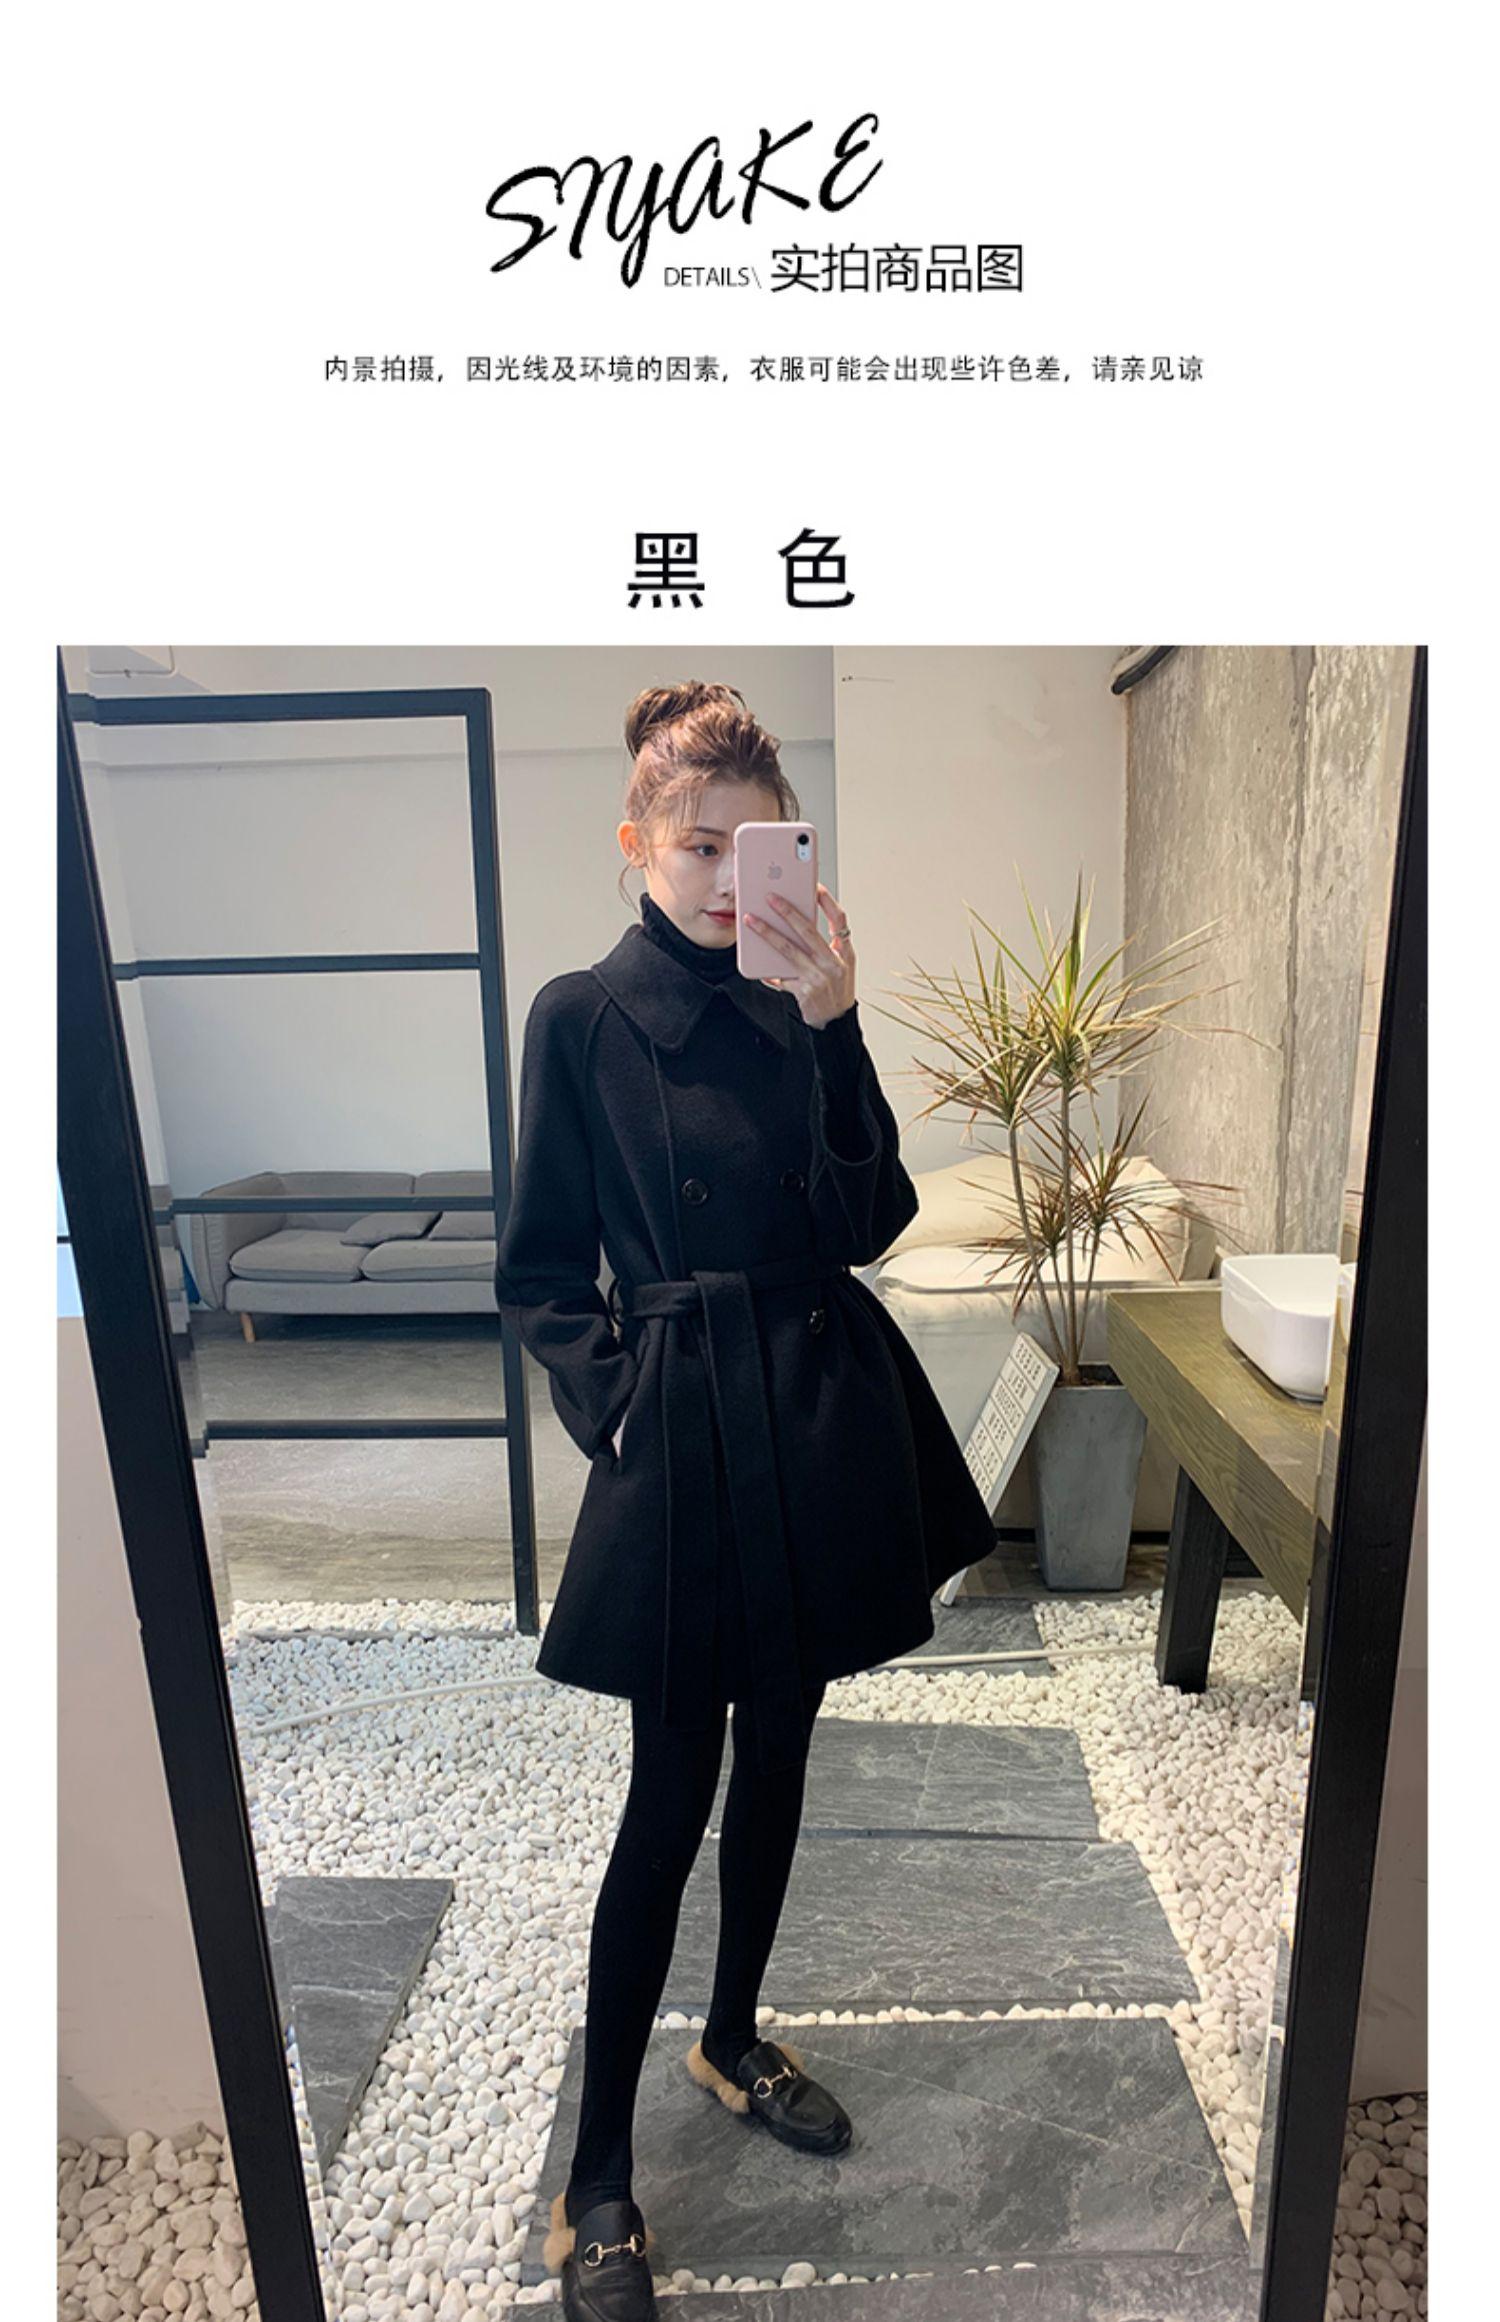 2019黑色双面羊绒大衣女赫本风中长款修身显瘦收腰小个子毛呢外套商品详情图